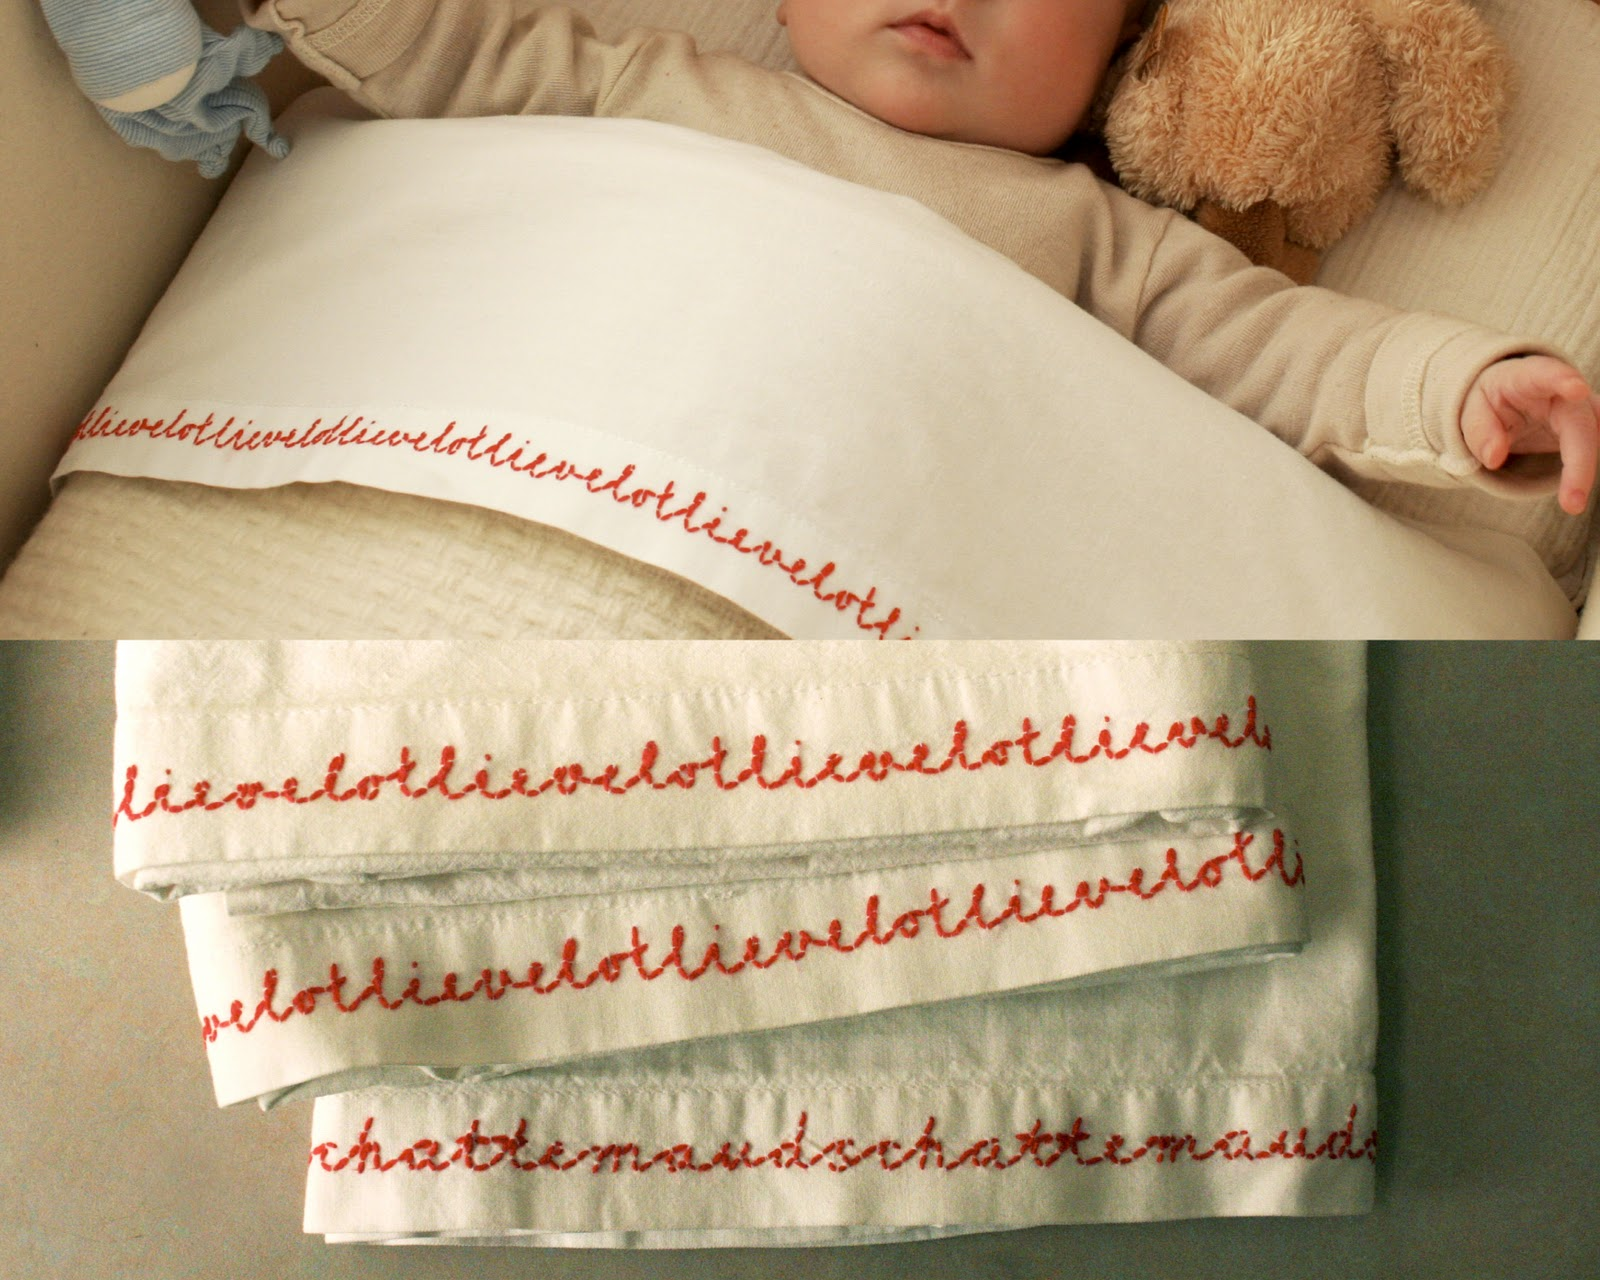 http://2.bp.blogspot.com/_pQOUGSv8SZw/TLCoiVGym5I/AAAAAAAAAOY/jA_9P_777jw/s1600/101008+baby+sheets.jpg